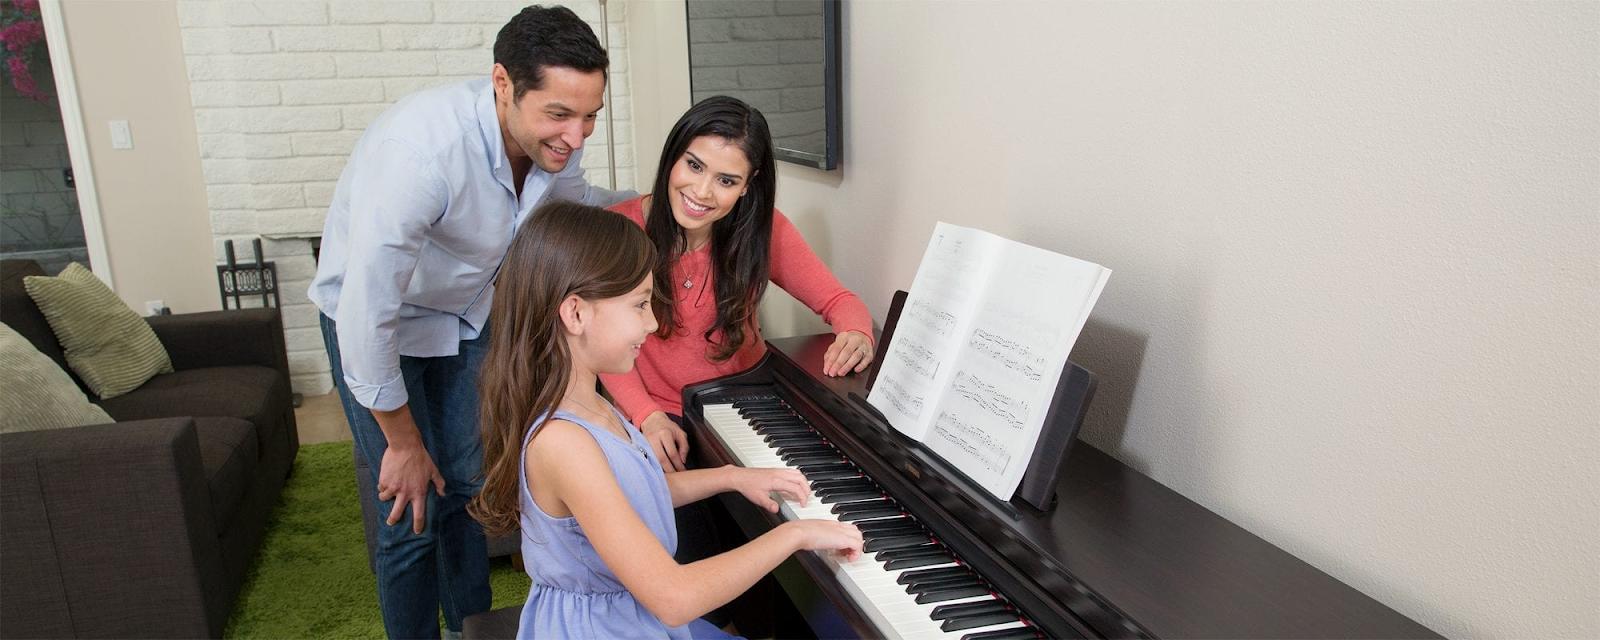 mua đàn piano điện giá rẻ